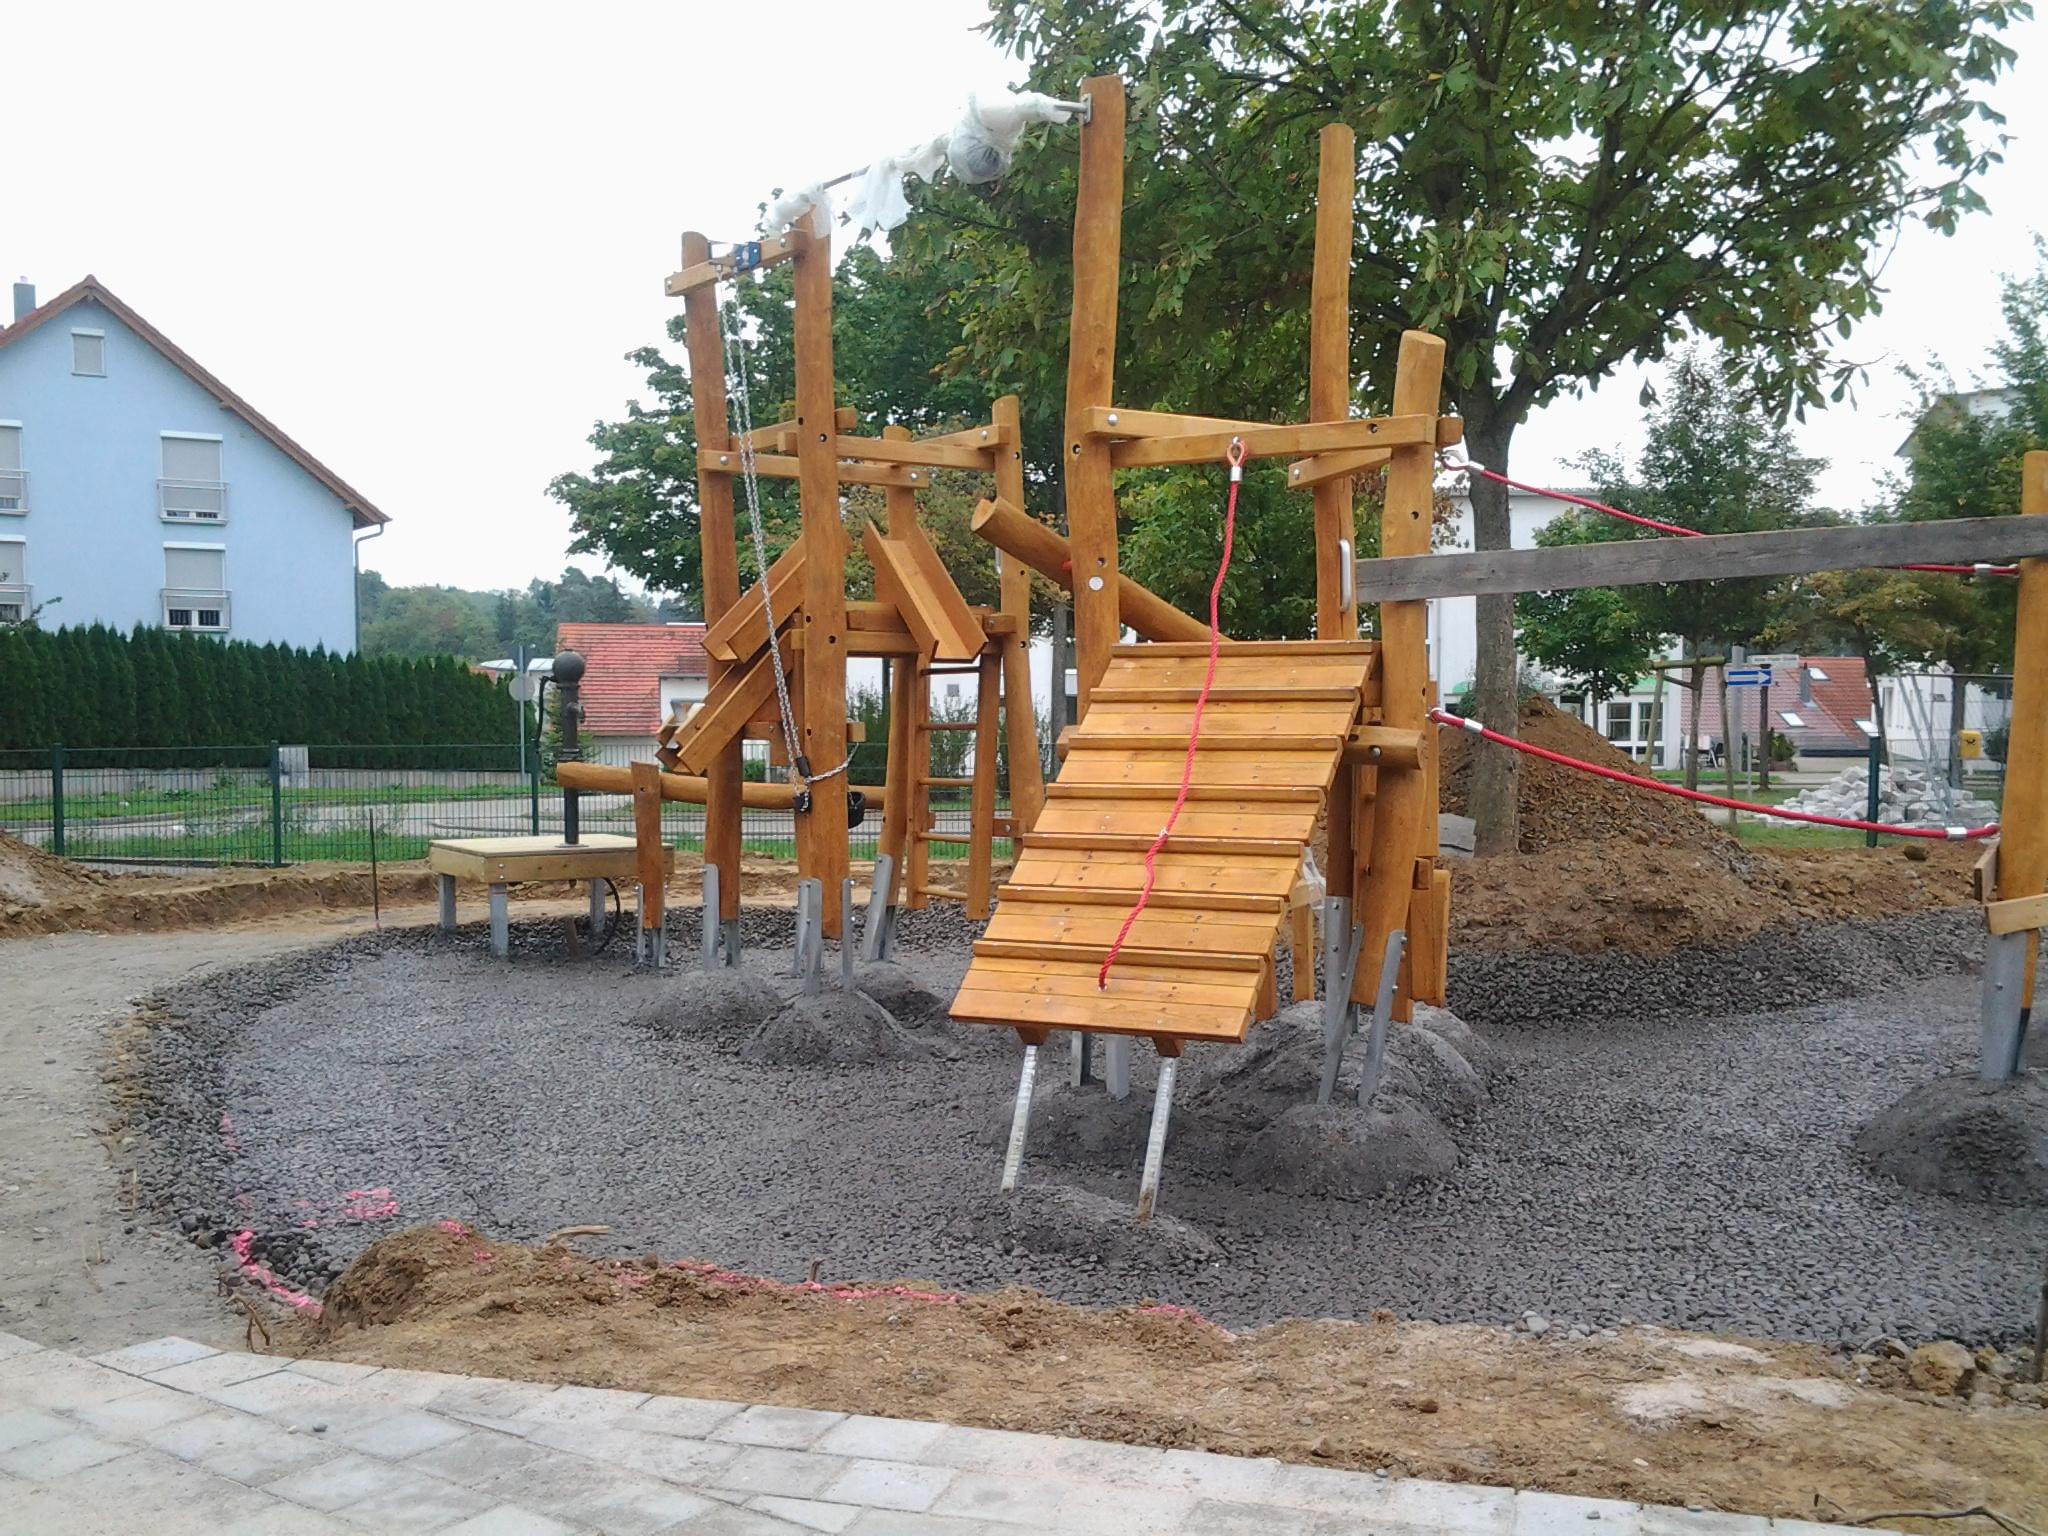 Spielplatz Drachenburg